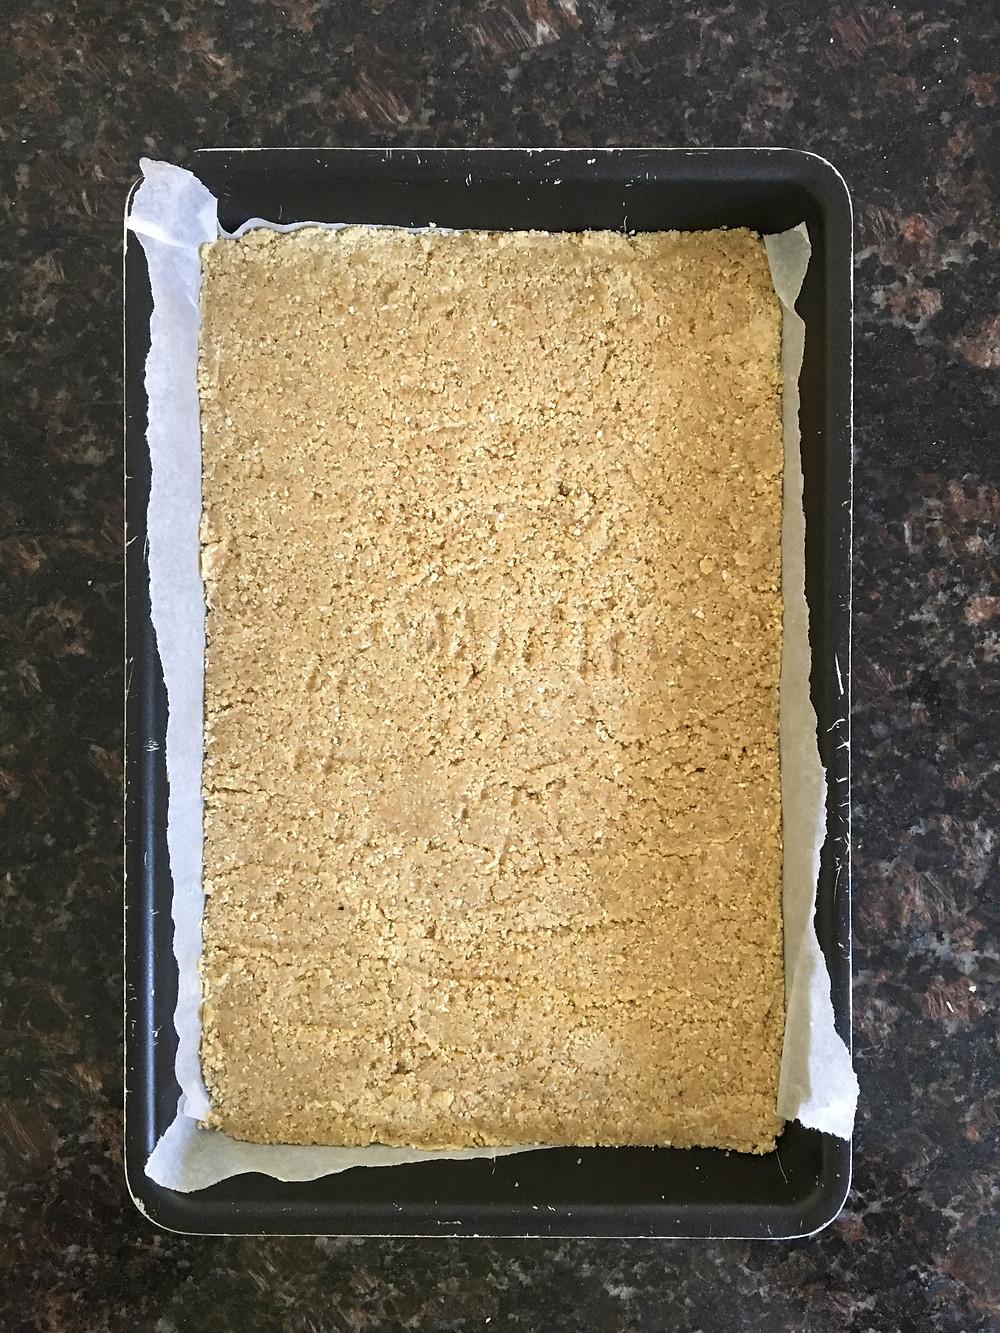 Toasty satisfying base